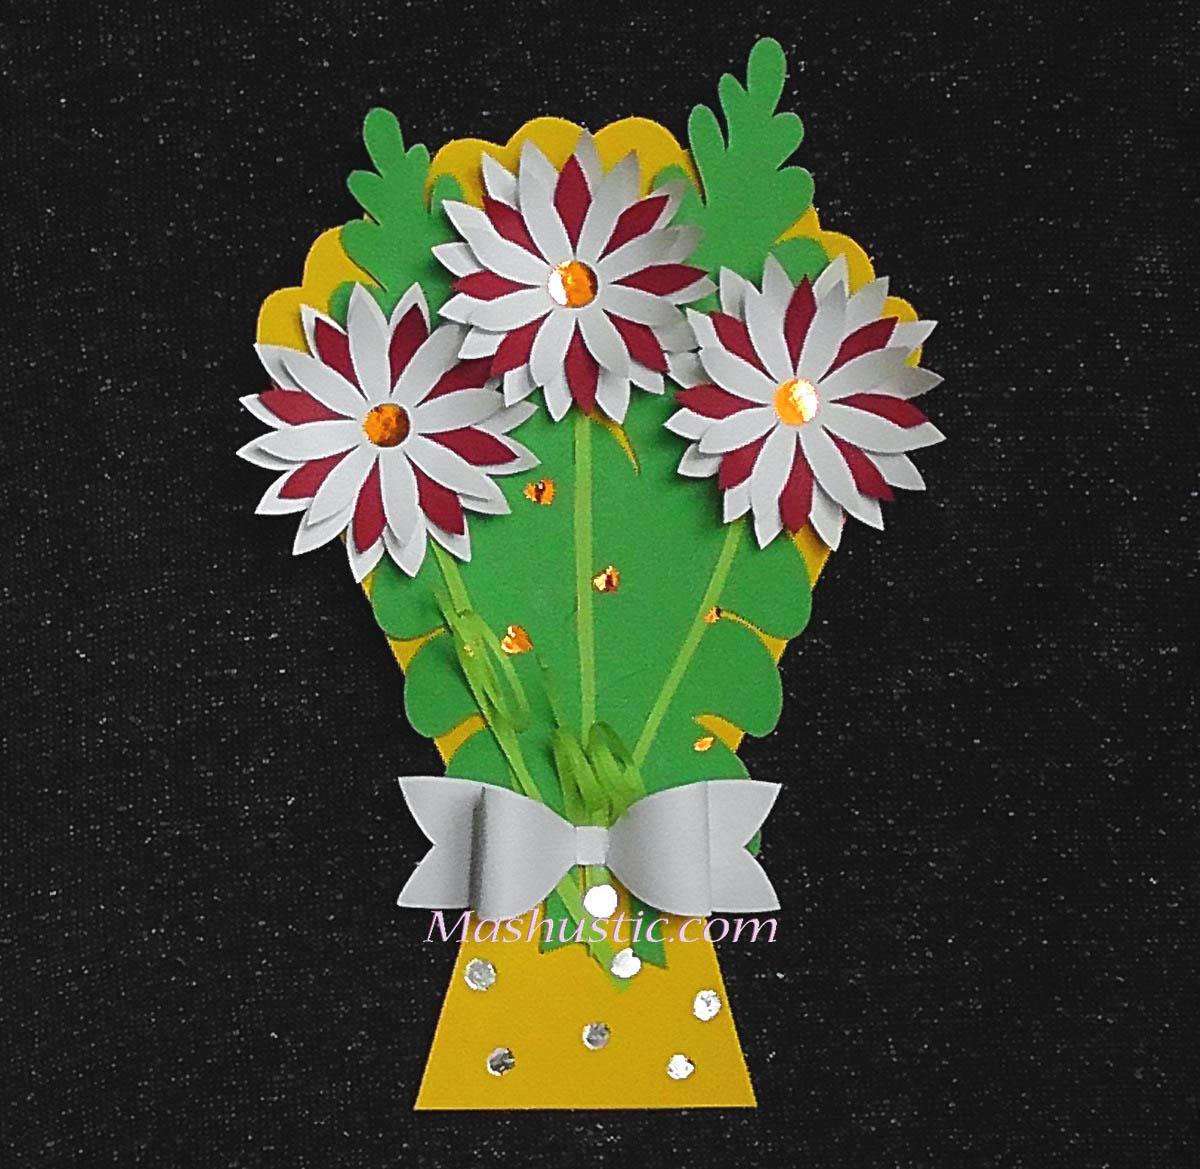 A Paper Flower Bouquet For Kids Mashustic Com